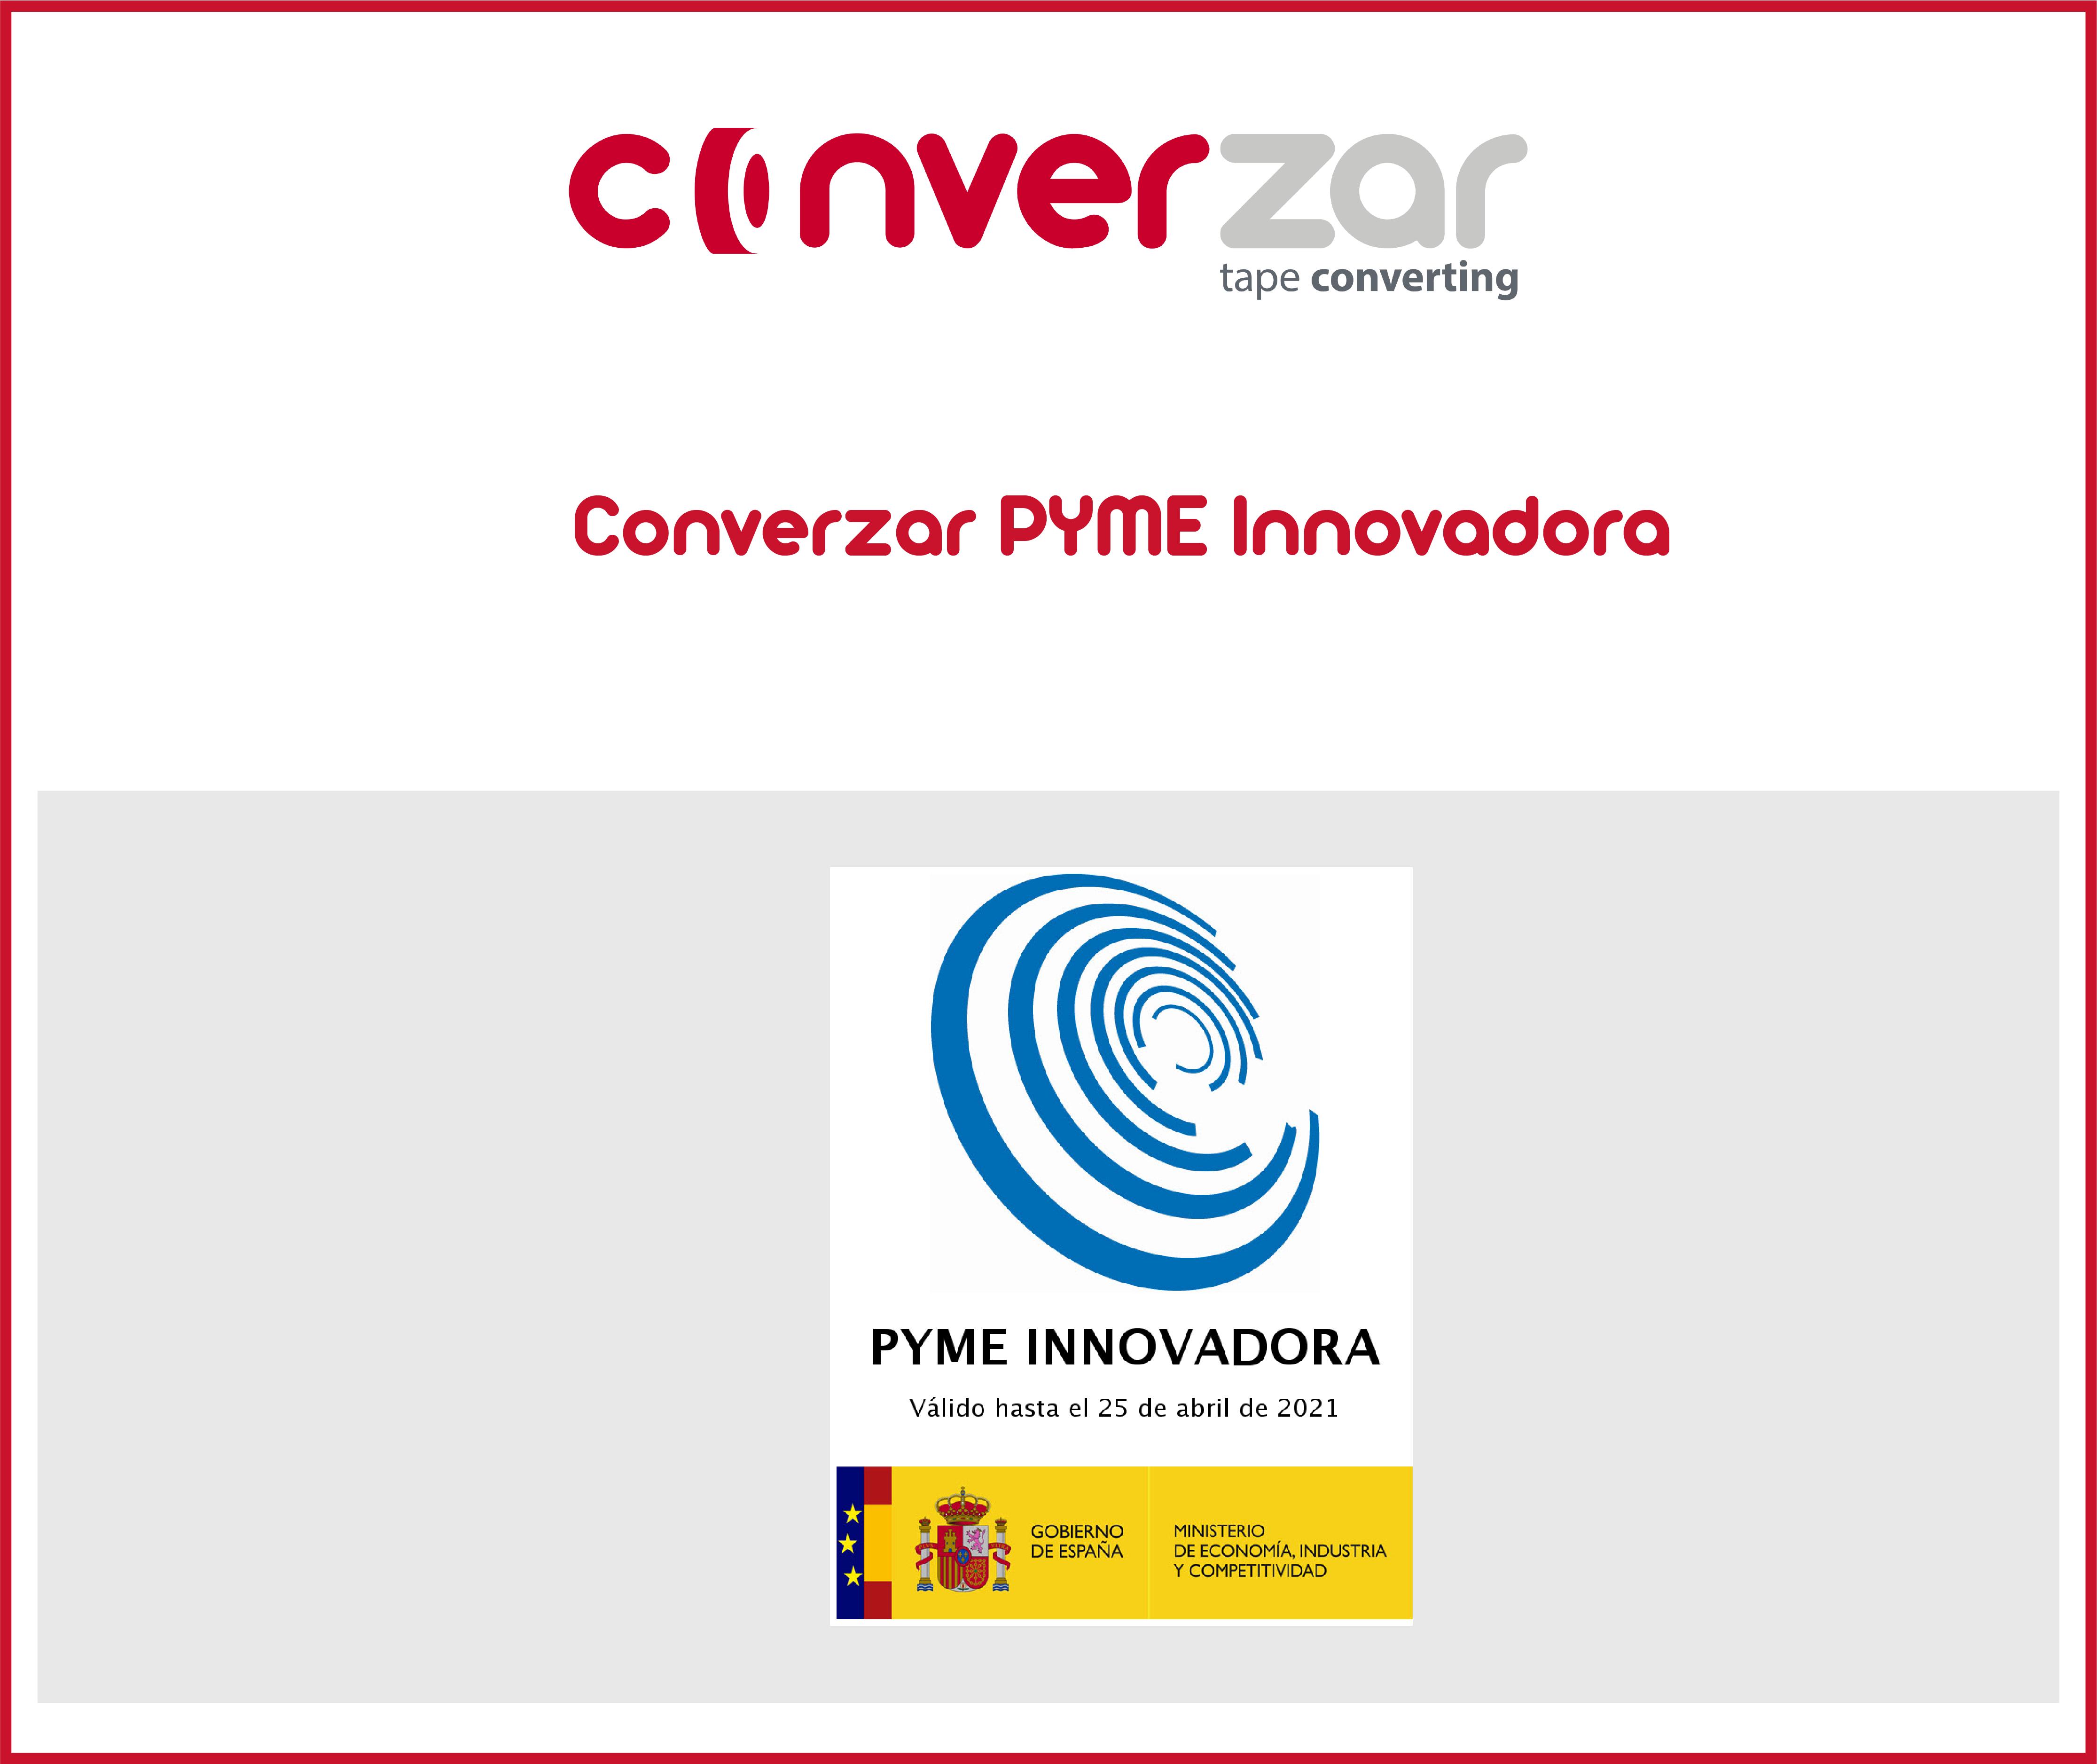 Converzar, PYME innovadora